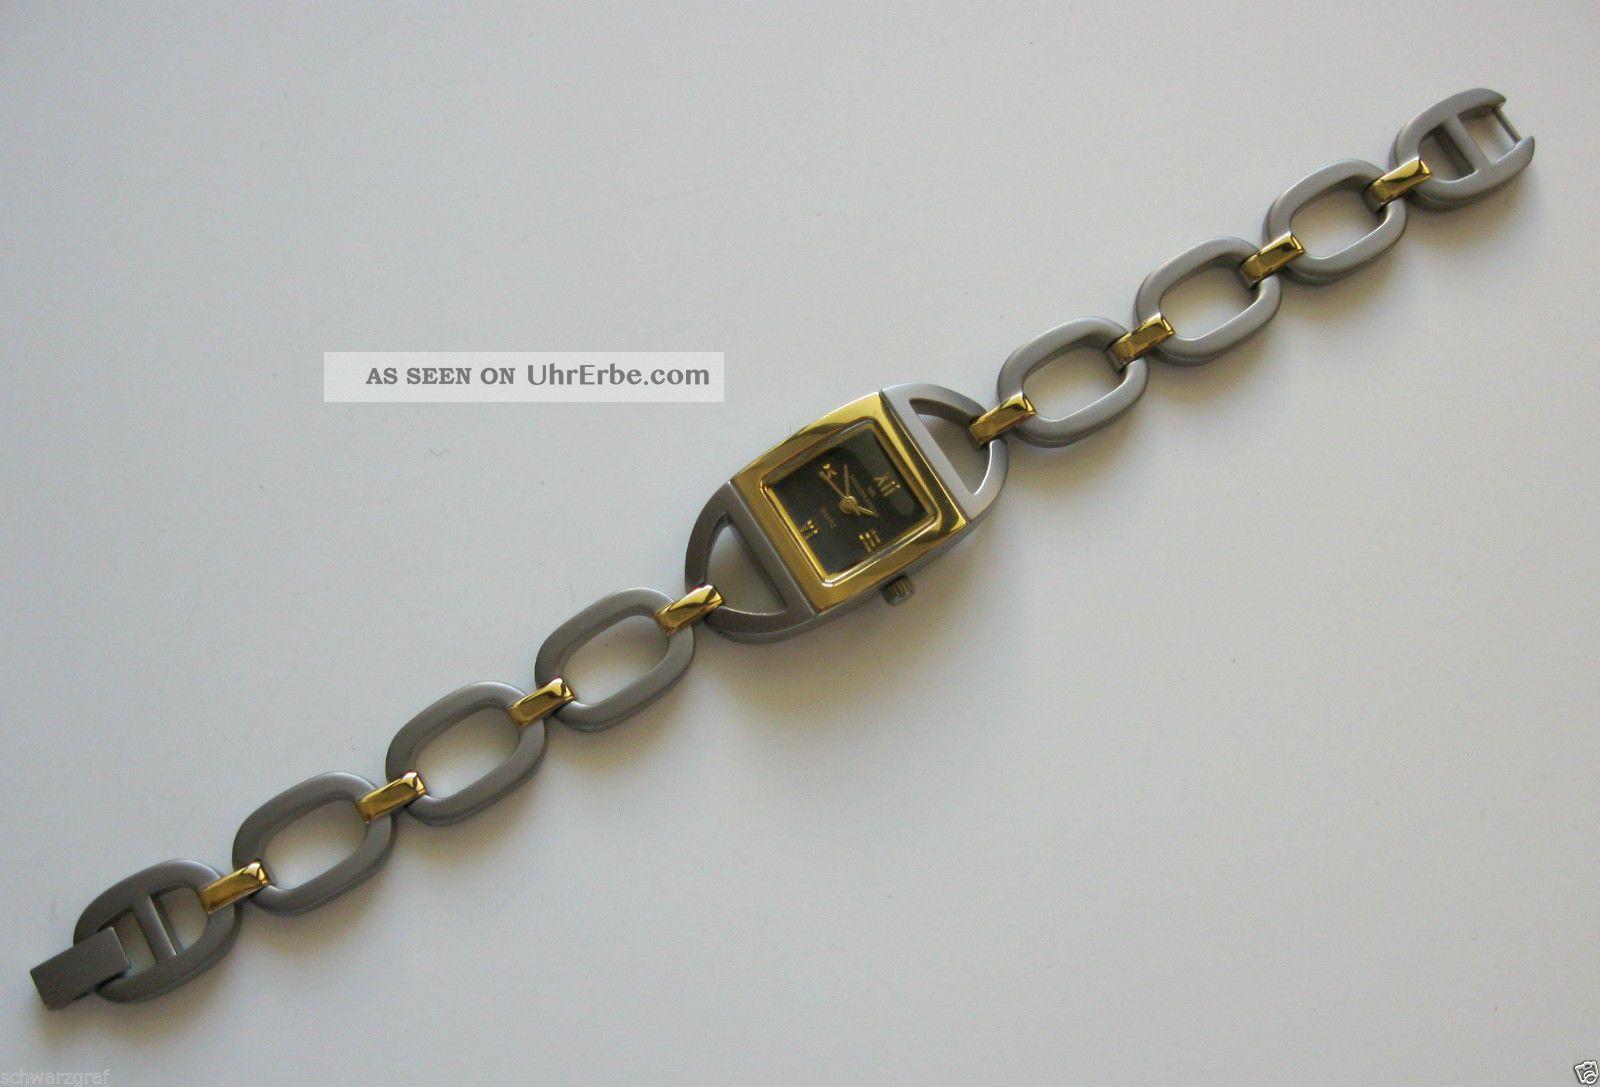 Meister Anker - Damenuhr - Uhr - Armbanduhr - Titan - Superdesign - Armbanduhren Bild